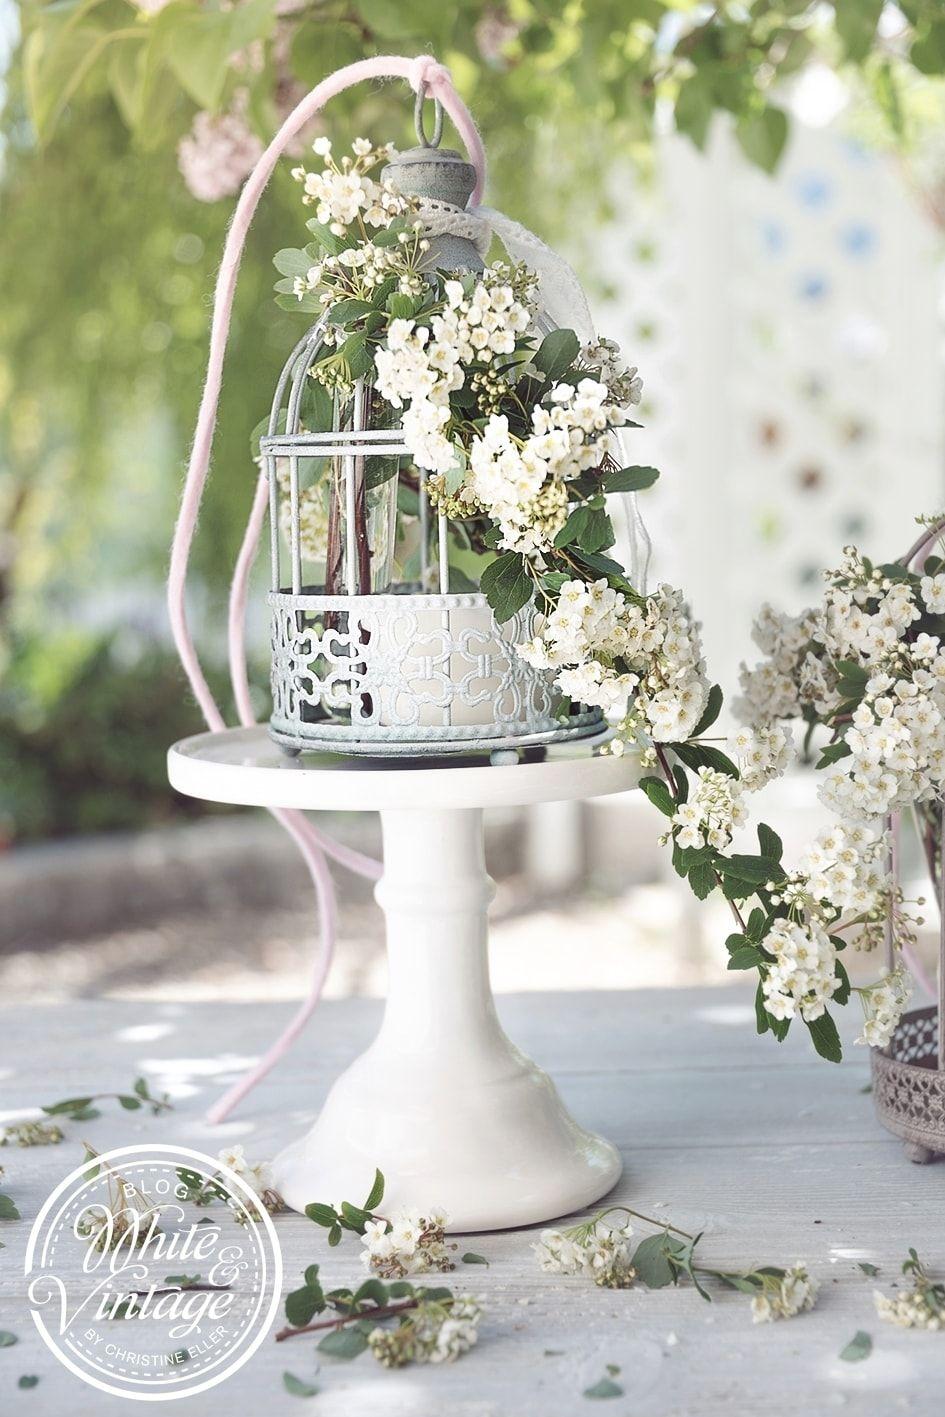 Romantische Hochzeitsdeko Im Vintage Look Selber Machen Deko